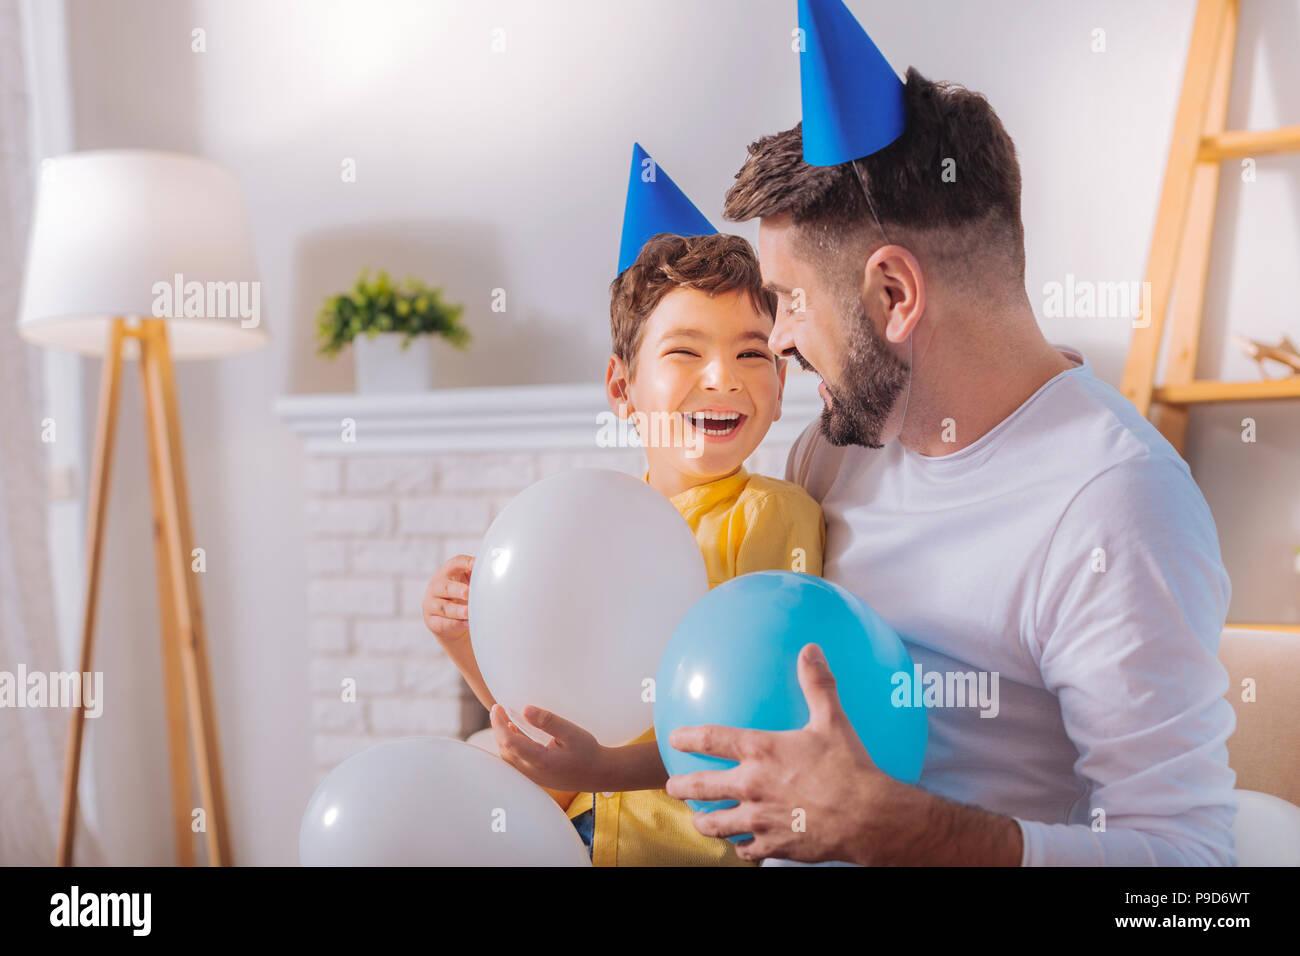 Glückliches Kind in Geburtstagsfeier Stockbild